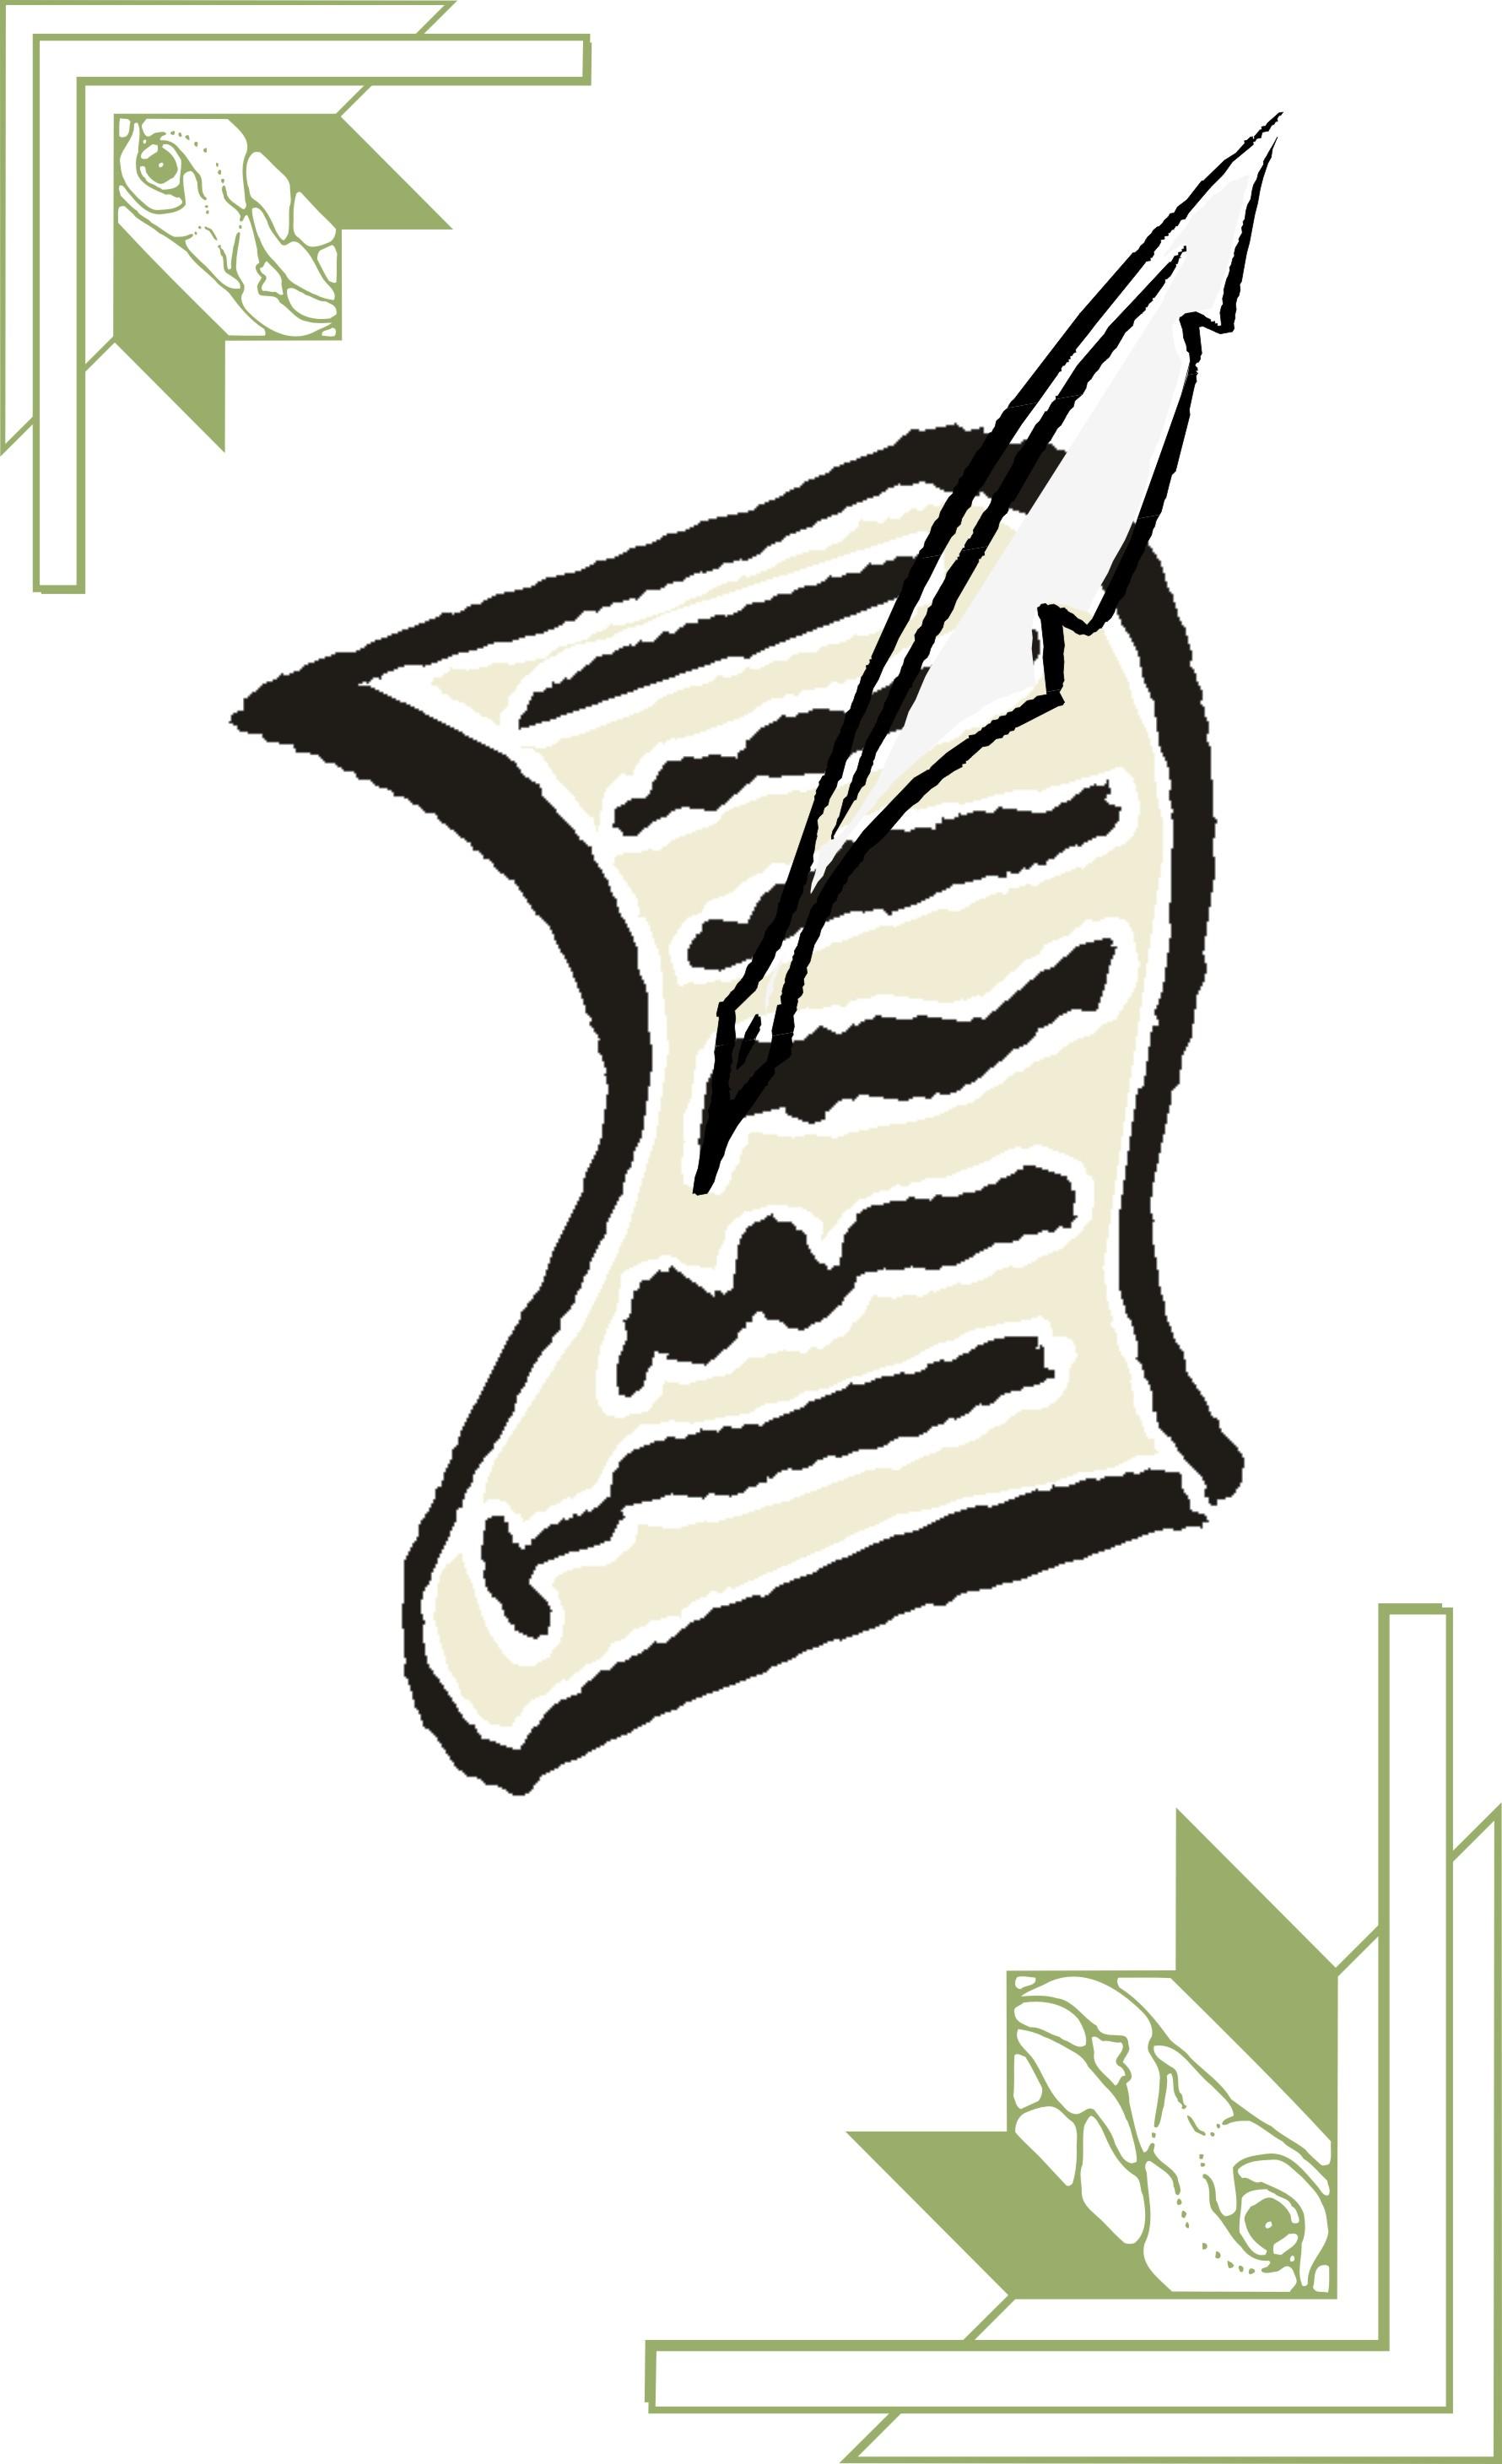 Lainhuutotodistus Perunkirjoitusta Varten